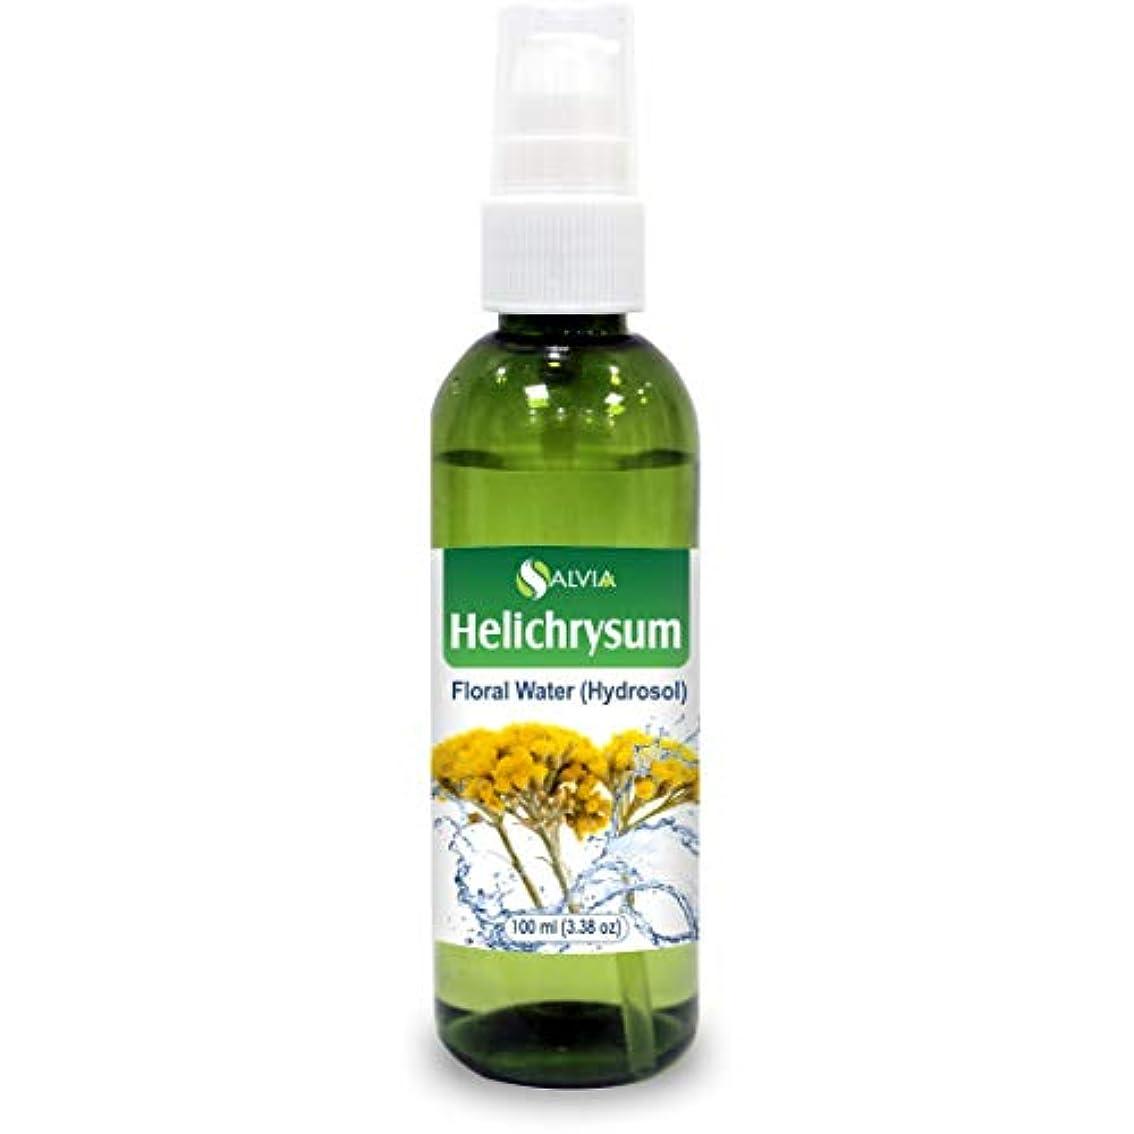 アミューズメントカスタムスキップHelichrysum Floral Water 100ml (Hydrosol) 100% Pure And Natural